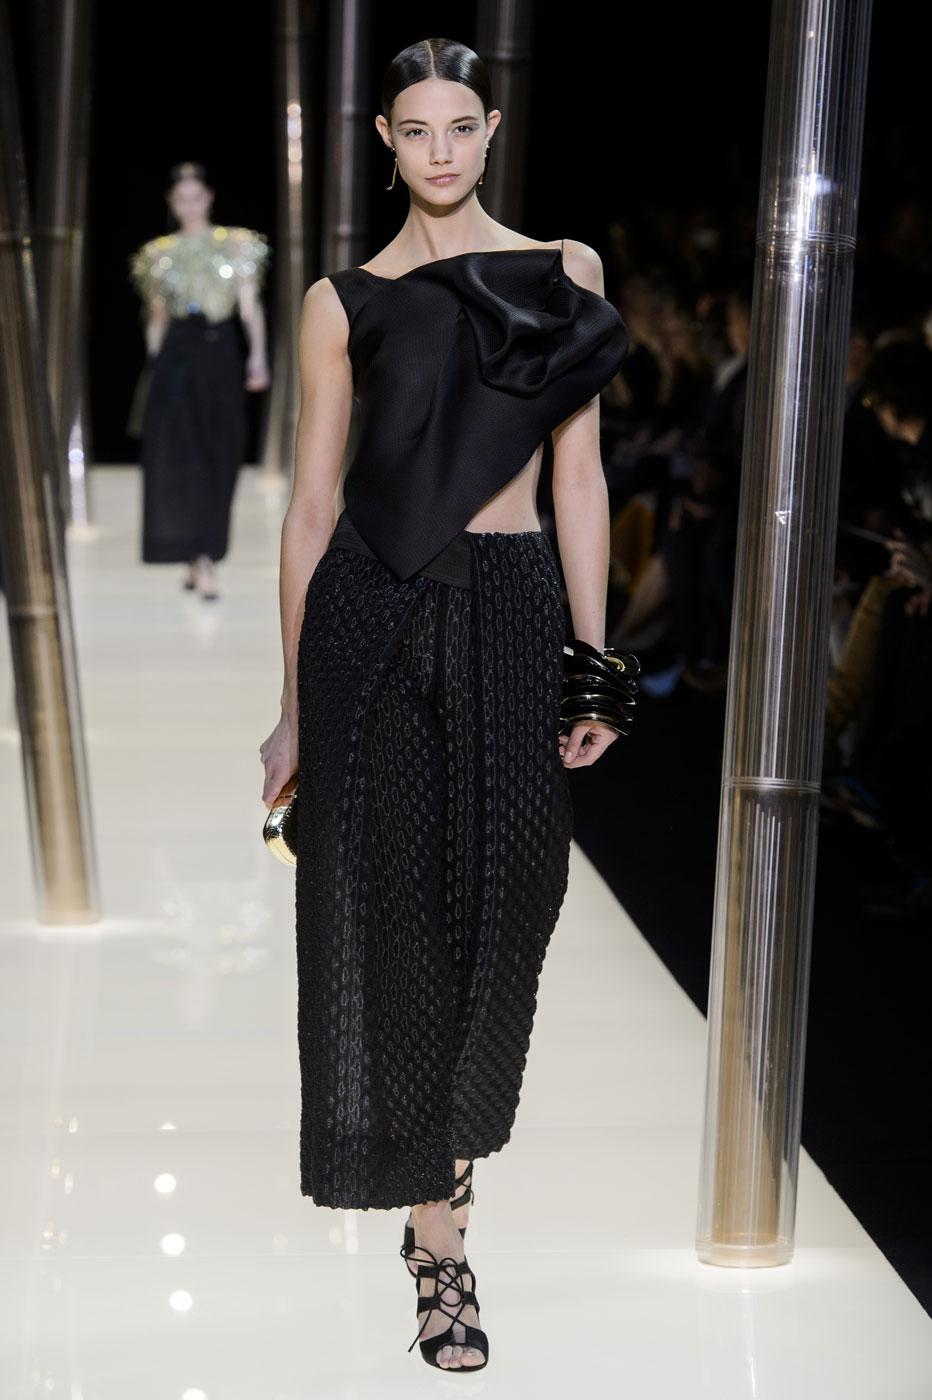 Giorgio-armani-Prive-fashion-runway-show-haute-couture-paris-spring-2015-the-impression-053